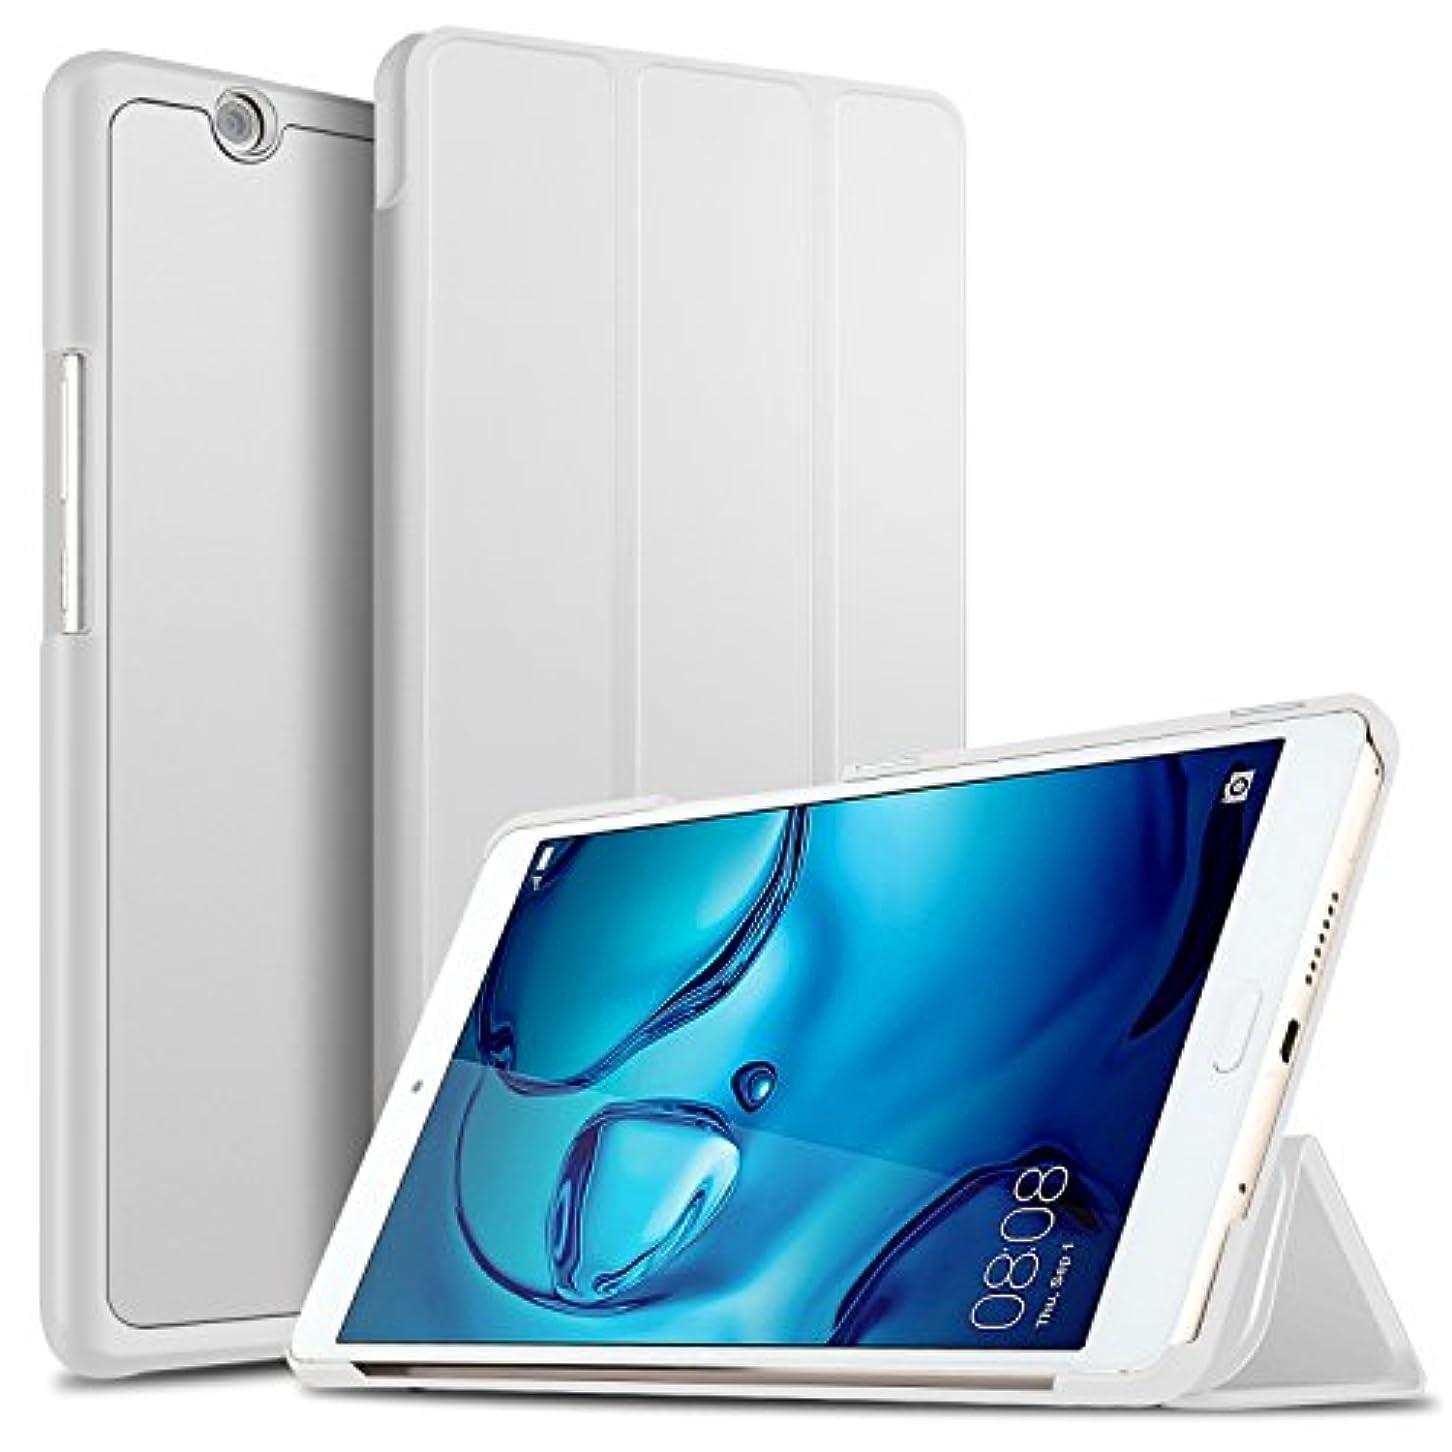 大きさ吸収剤溶融Huawei MediaPad M3 8.4 ケース 【KuGi】 スタンド機能付き Huawei MediaPad M3 8.4 カバー 三つ折型 薄型 軽量 傷つけ防止 スタンドカバー 内蔵マグネット開閉式 PUレザー Huawei MediaPad M3 8.4 スマートケース ホワイト